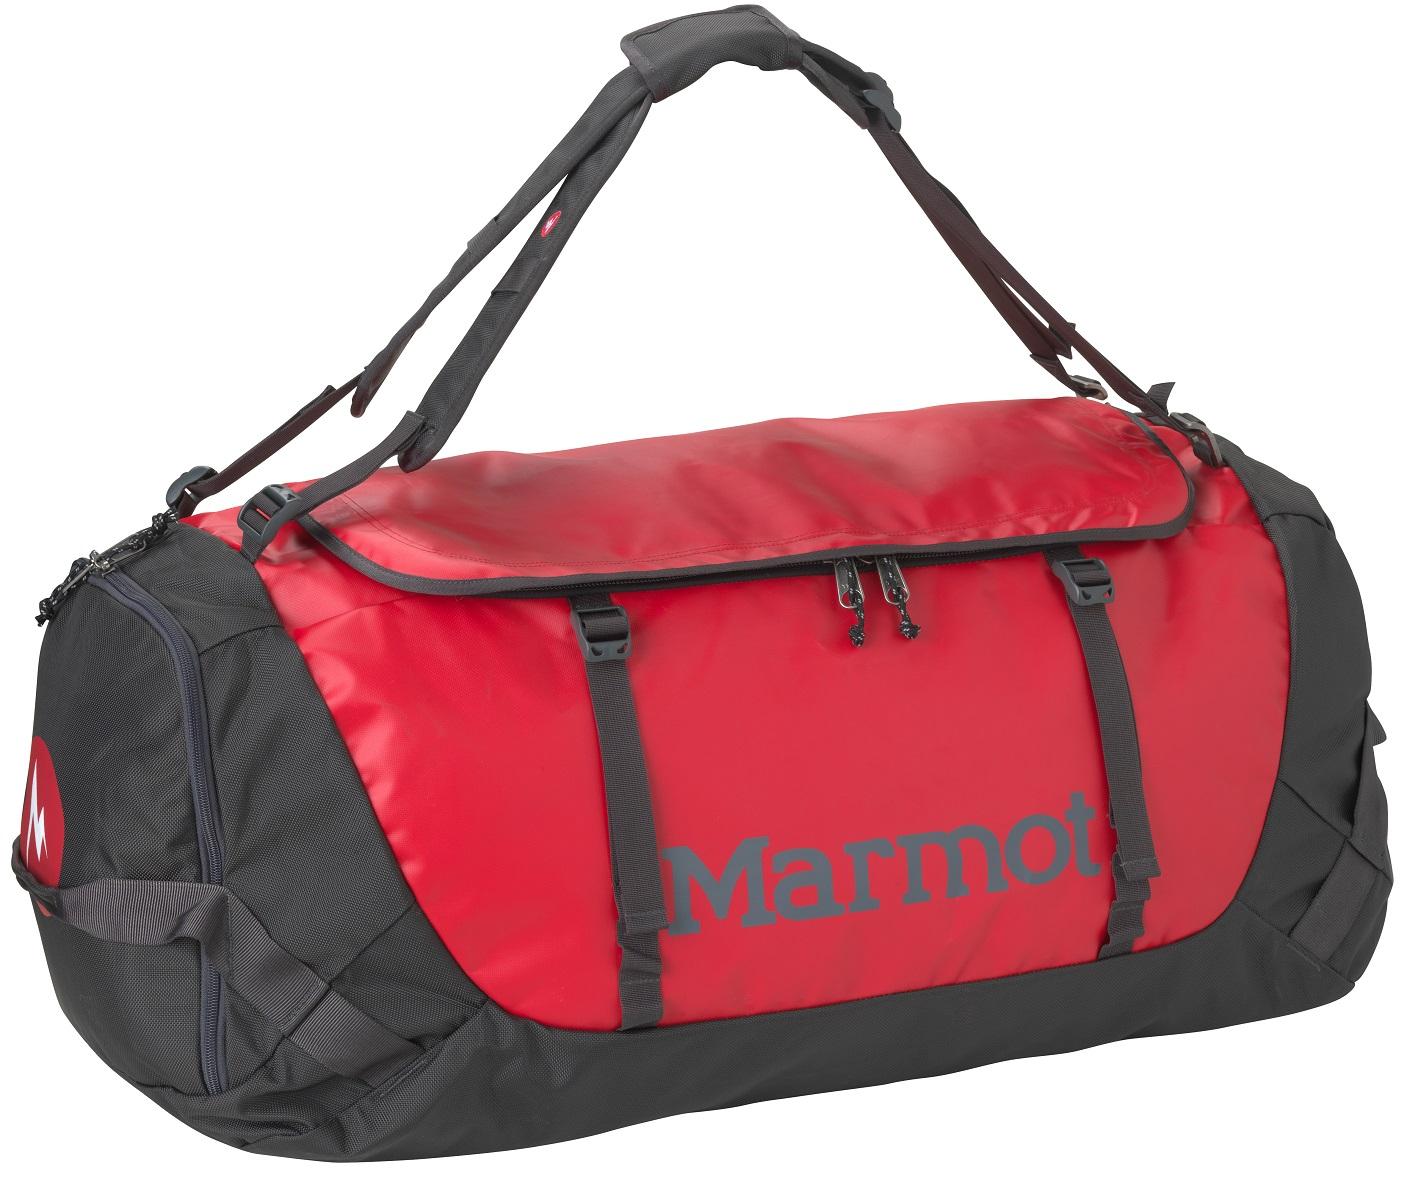 Сумка дорожная Marmot Long Hauler Duffel Bag X Large, цвет: красный, 110 л25250-6281-XLПрочная дорожная сумка Marmot Long Hauler Duffel Bag X Large имеет возможность переноски в виде рюкзака. Выполнена из нейлона и полиэстера. Сумка оснащена ремнем через плечо, и ручками для переноски.Особенности:- Медиа-карман на молнии/Карман-органайзер.- D-образная верхняя молния.- Внутренний карман на молнии.- Надежные застежки-молнии уберегут сумку от внезапного открытия.- Петли для переноски расположены с обеих сторон.